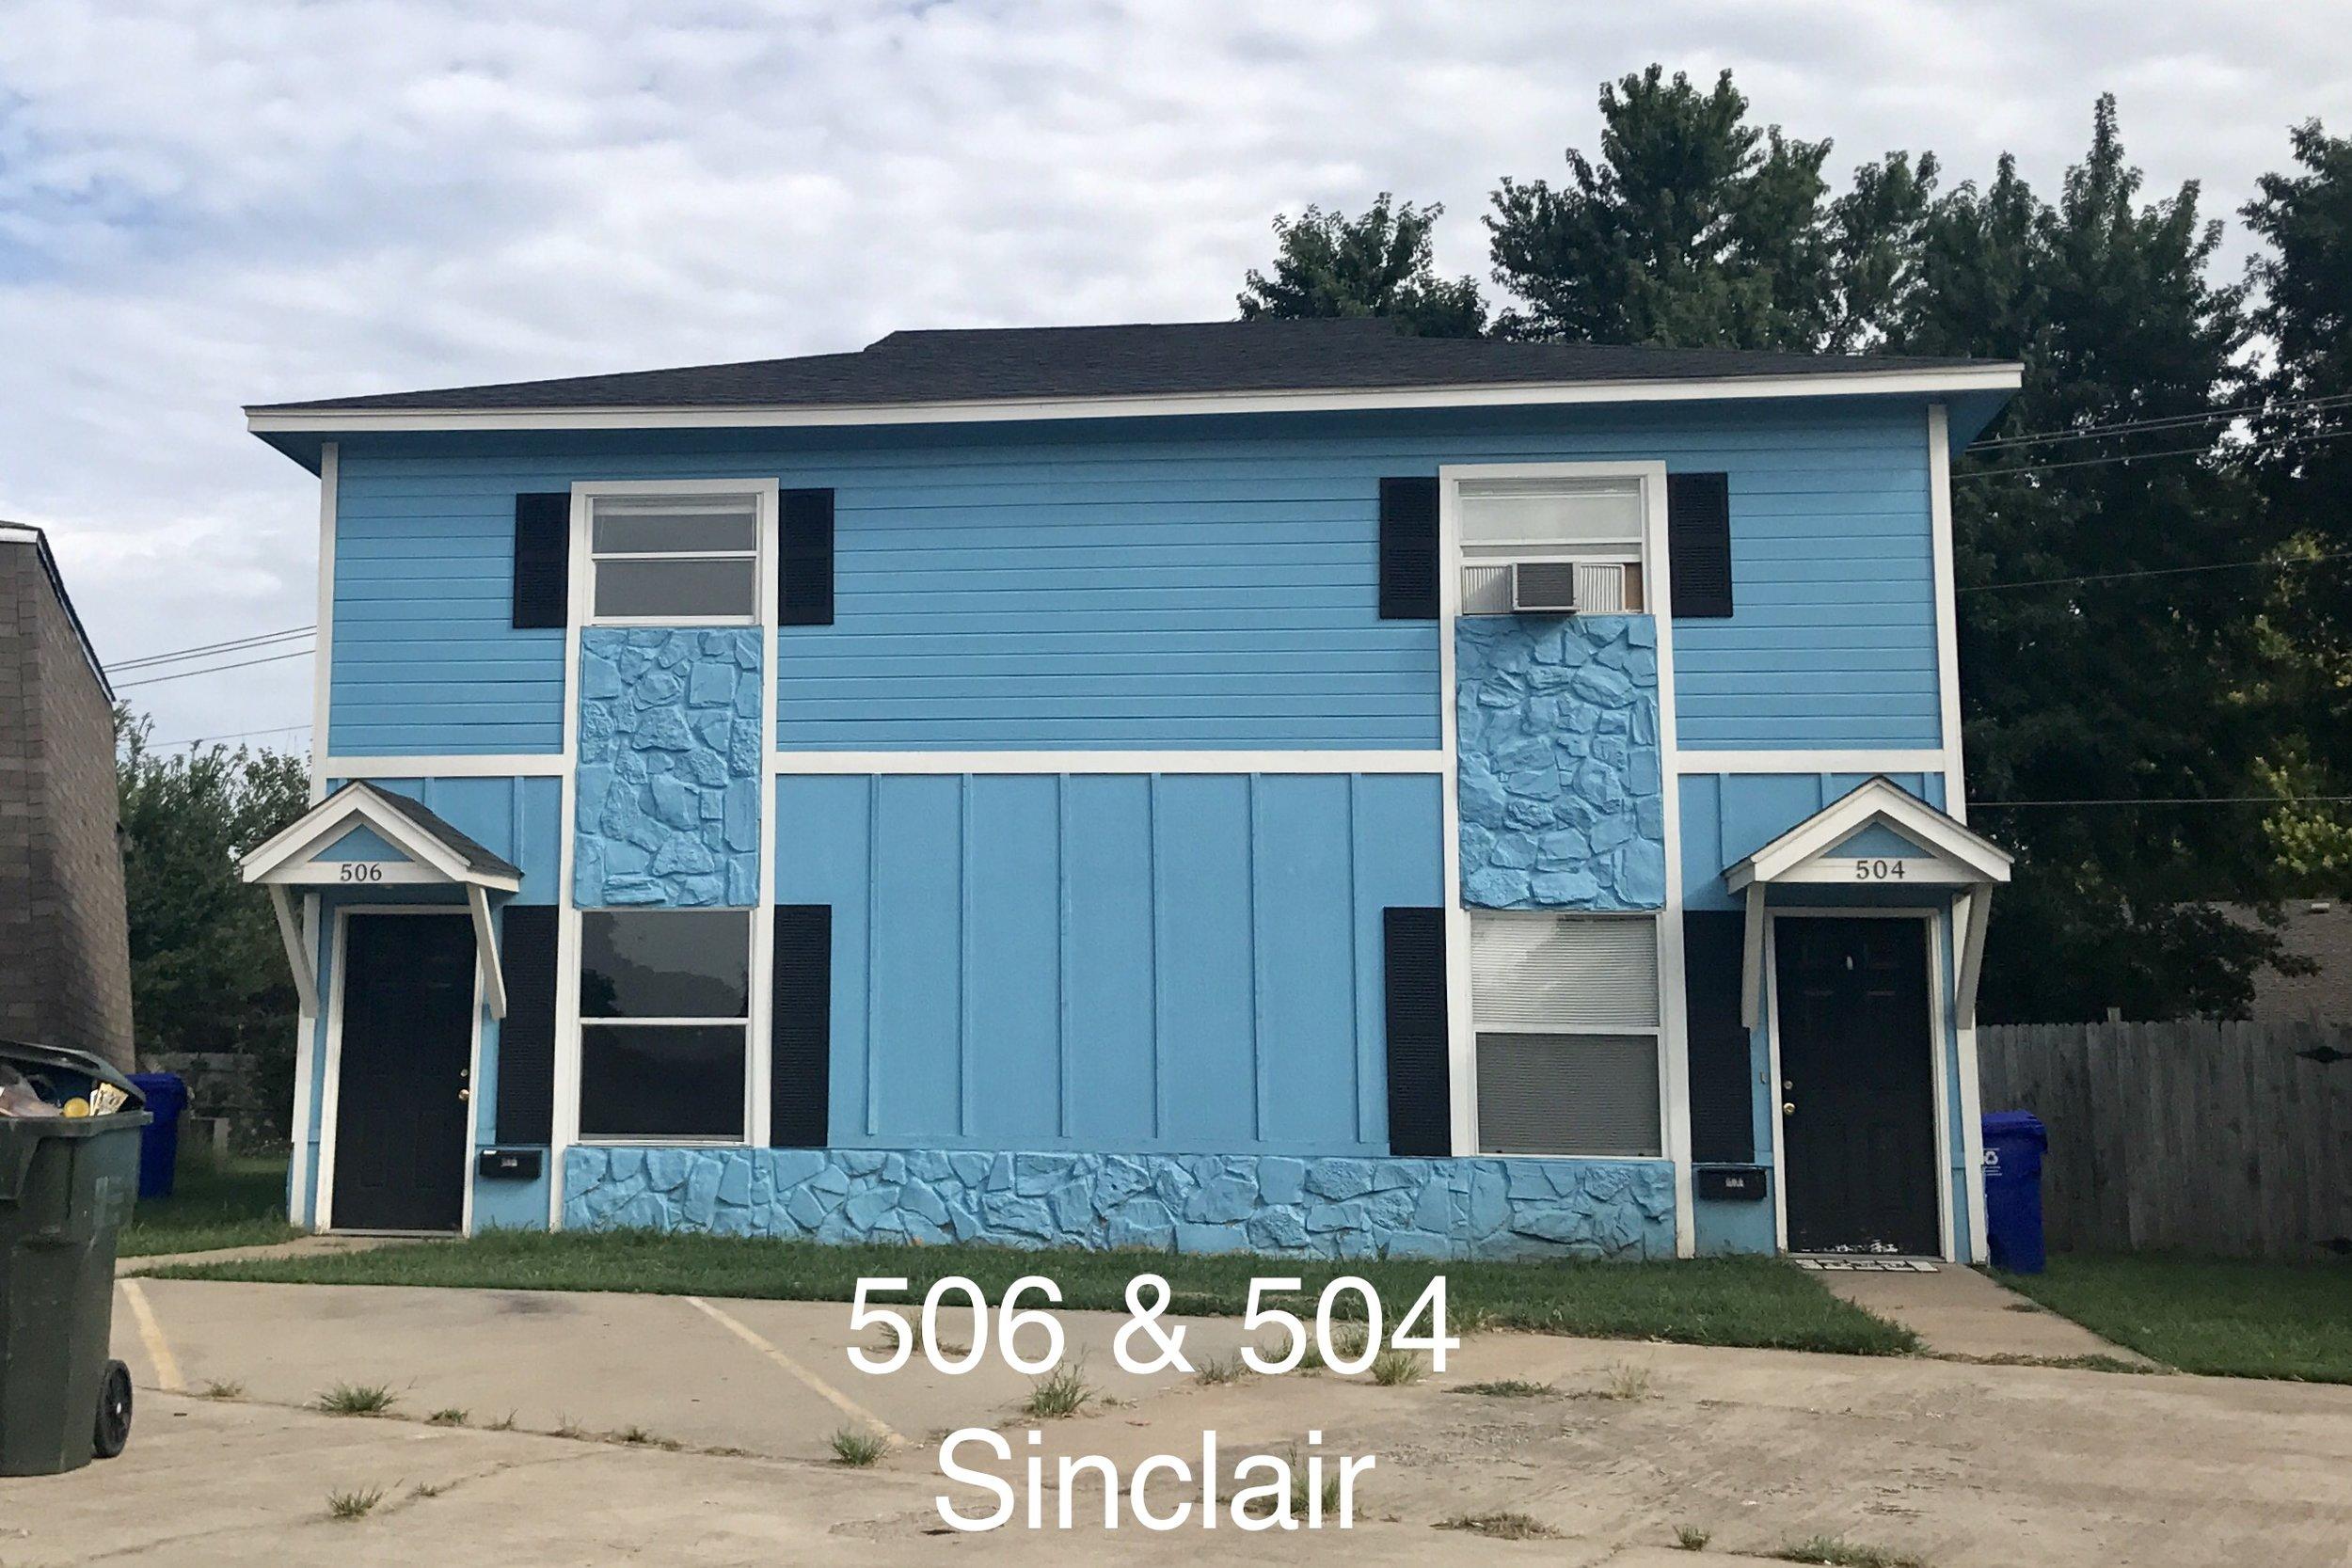 506 & 504 Sinclair.jpg